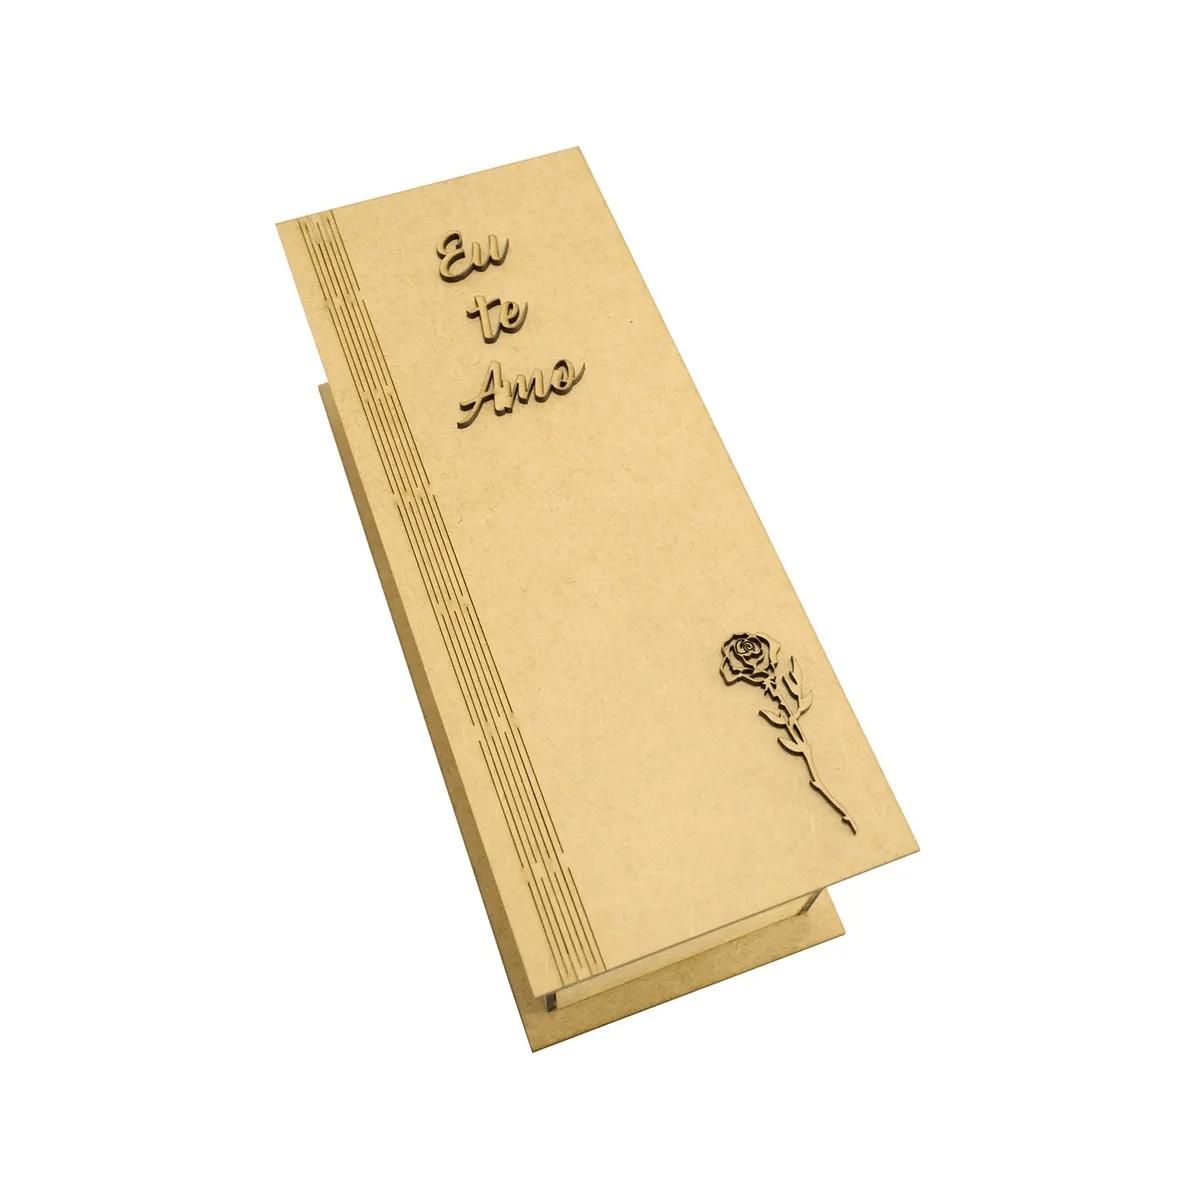 Kit-6-Caixa-Para-Mini-Vinho-Chandon-Tampa-Dobravel-Com-Aplique-Eu-Te-Amo-e-Rosa-Laser-Mdf